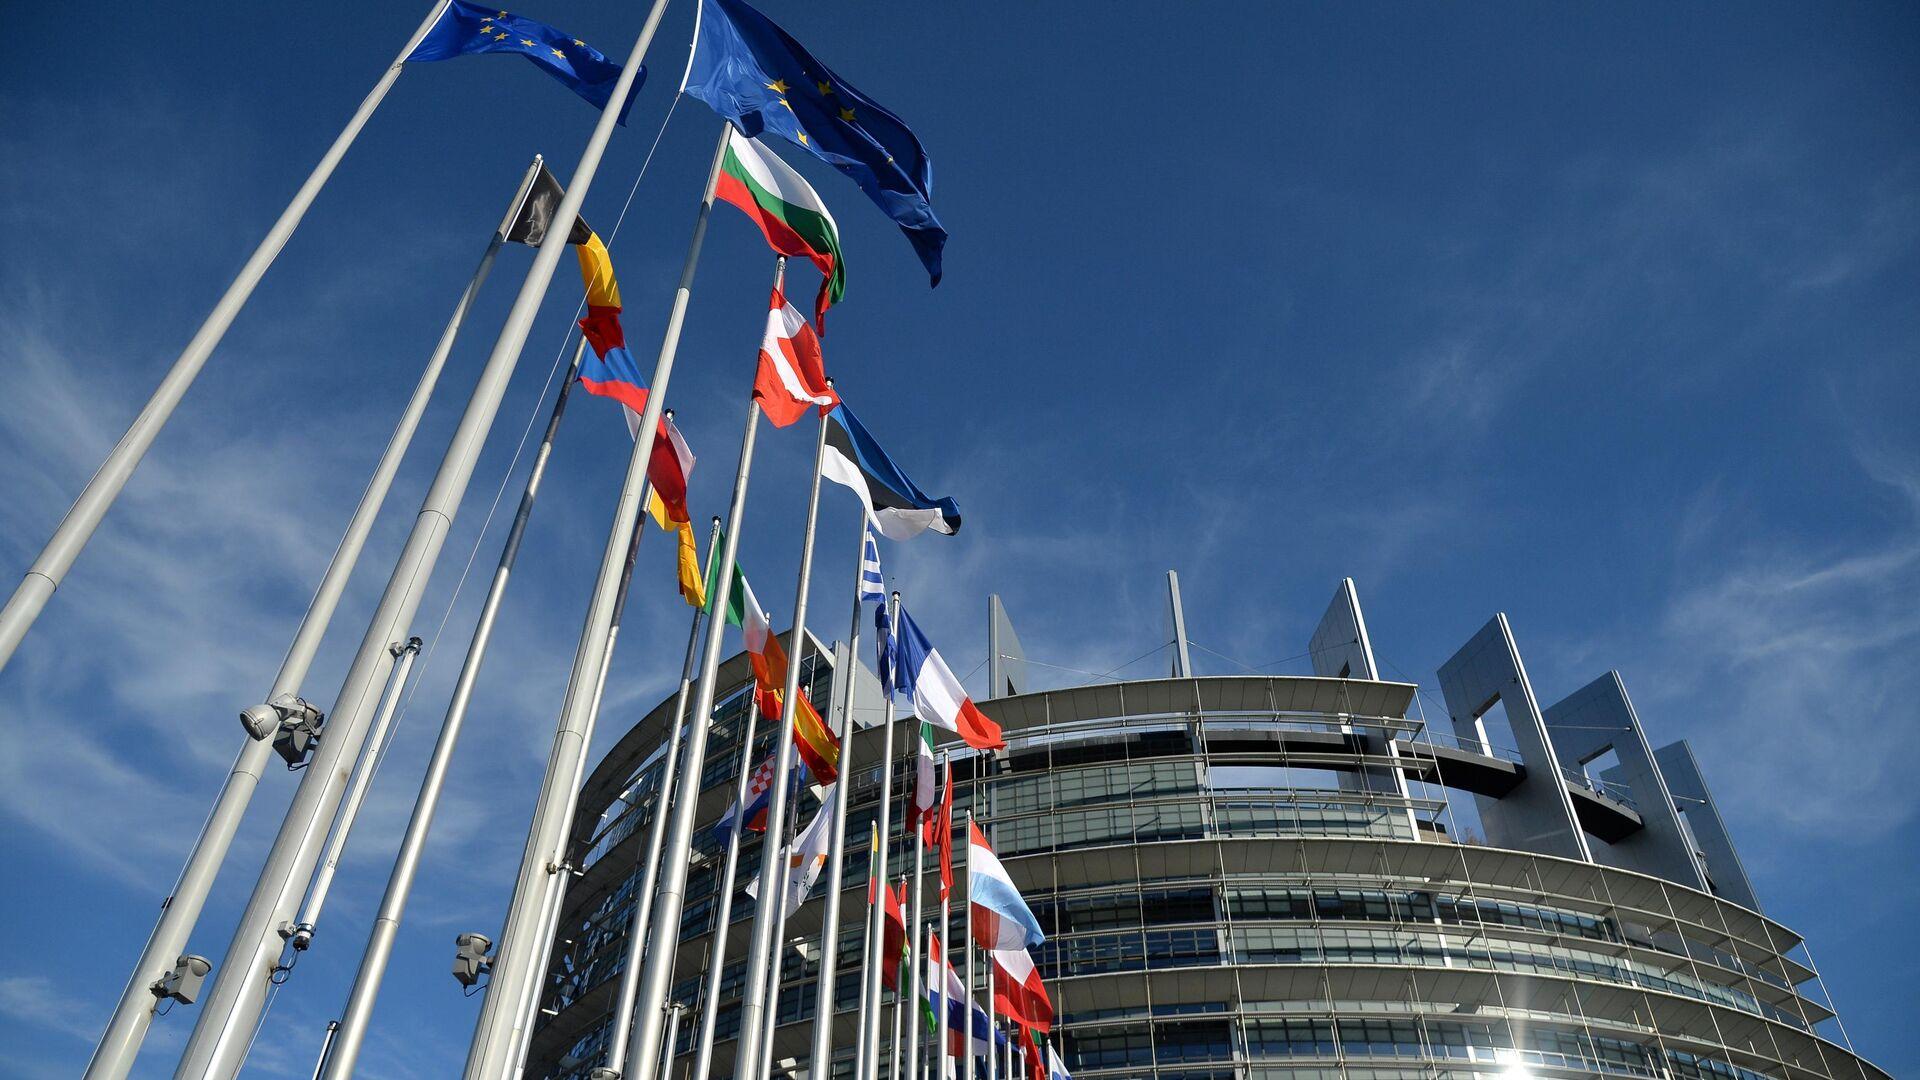 Флаги возле Дворца Европы в Страсбурге - РИА Новости, 1920, 05.11.2020